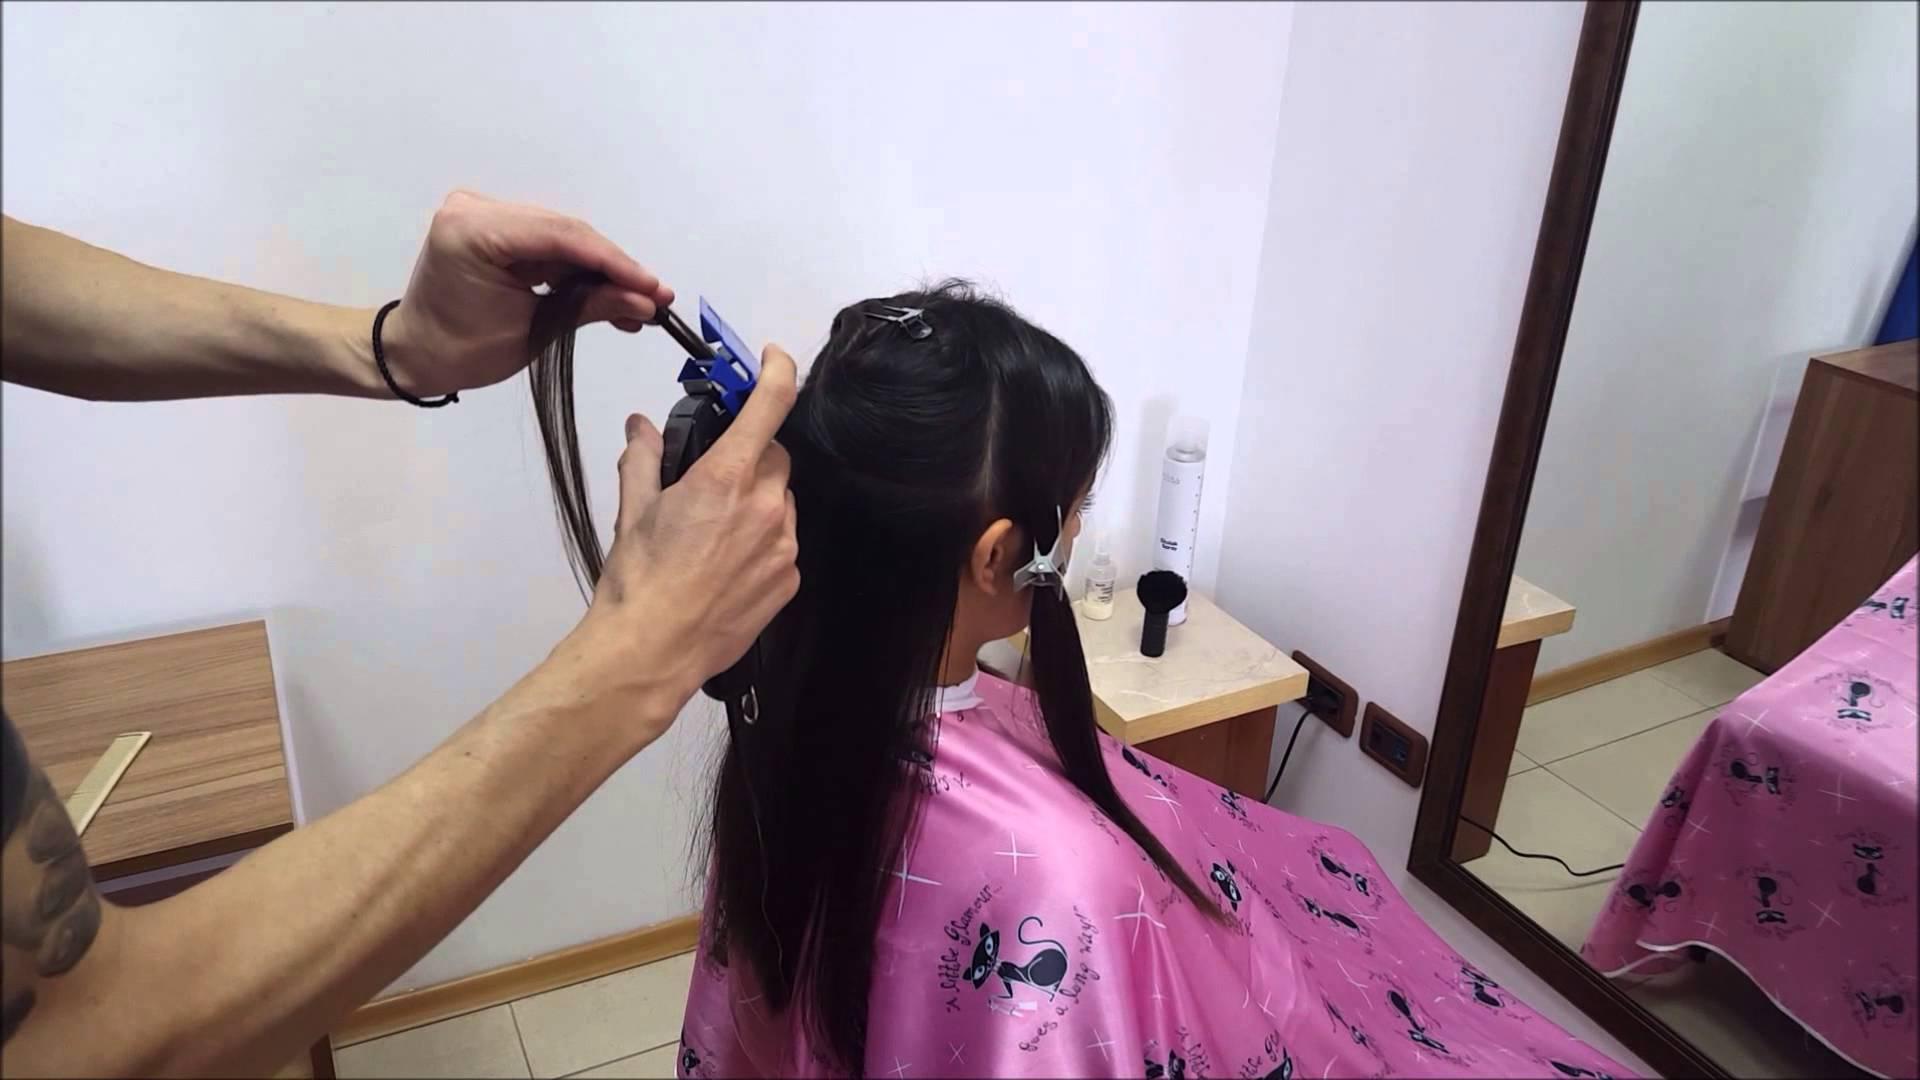 Полировка на косата с полировщик